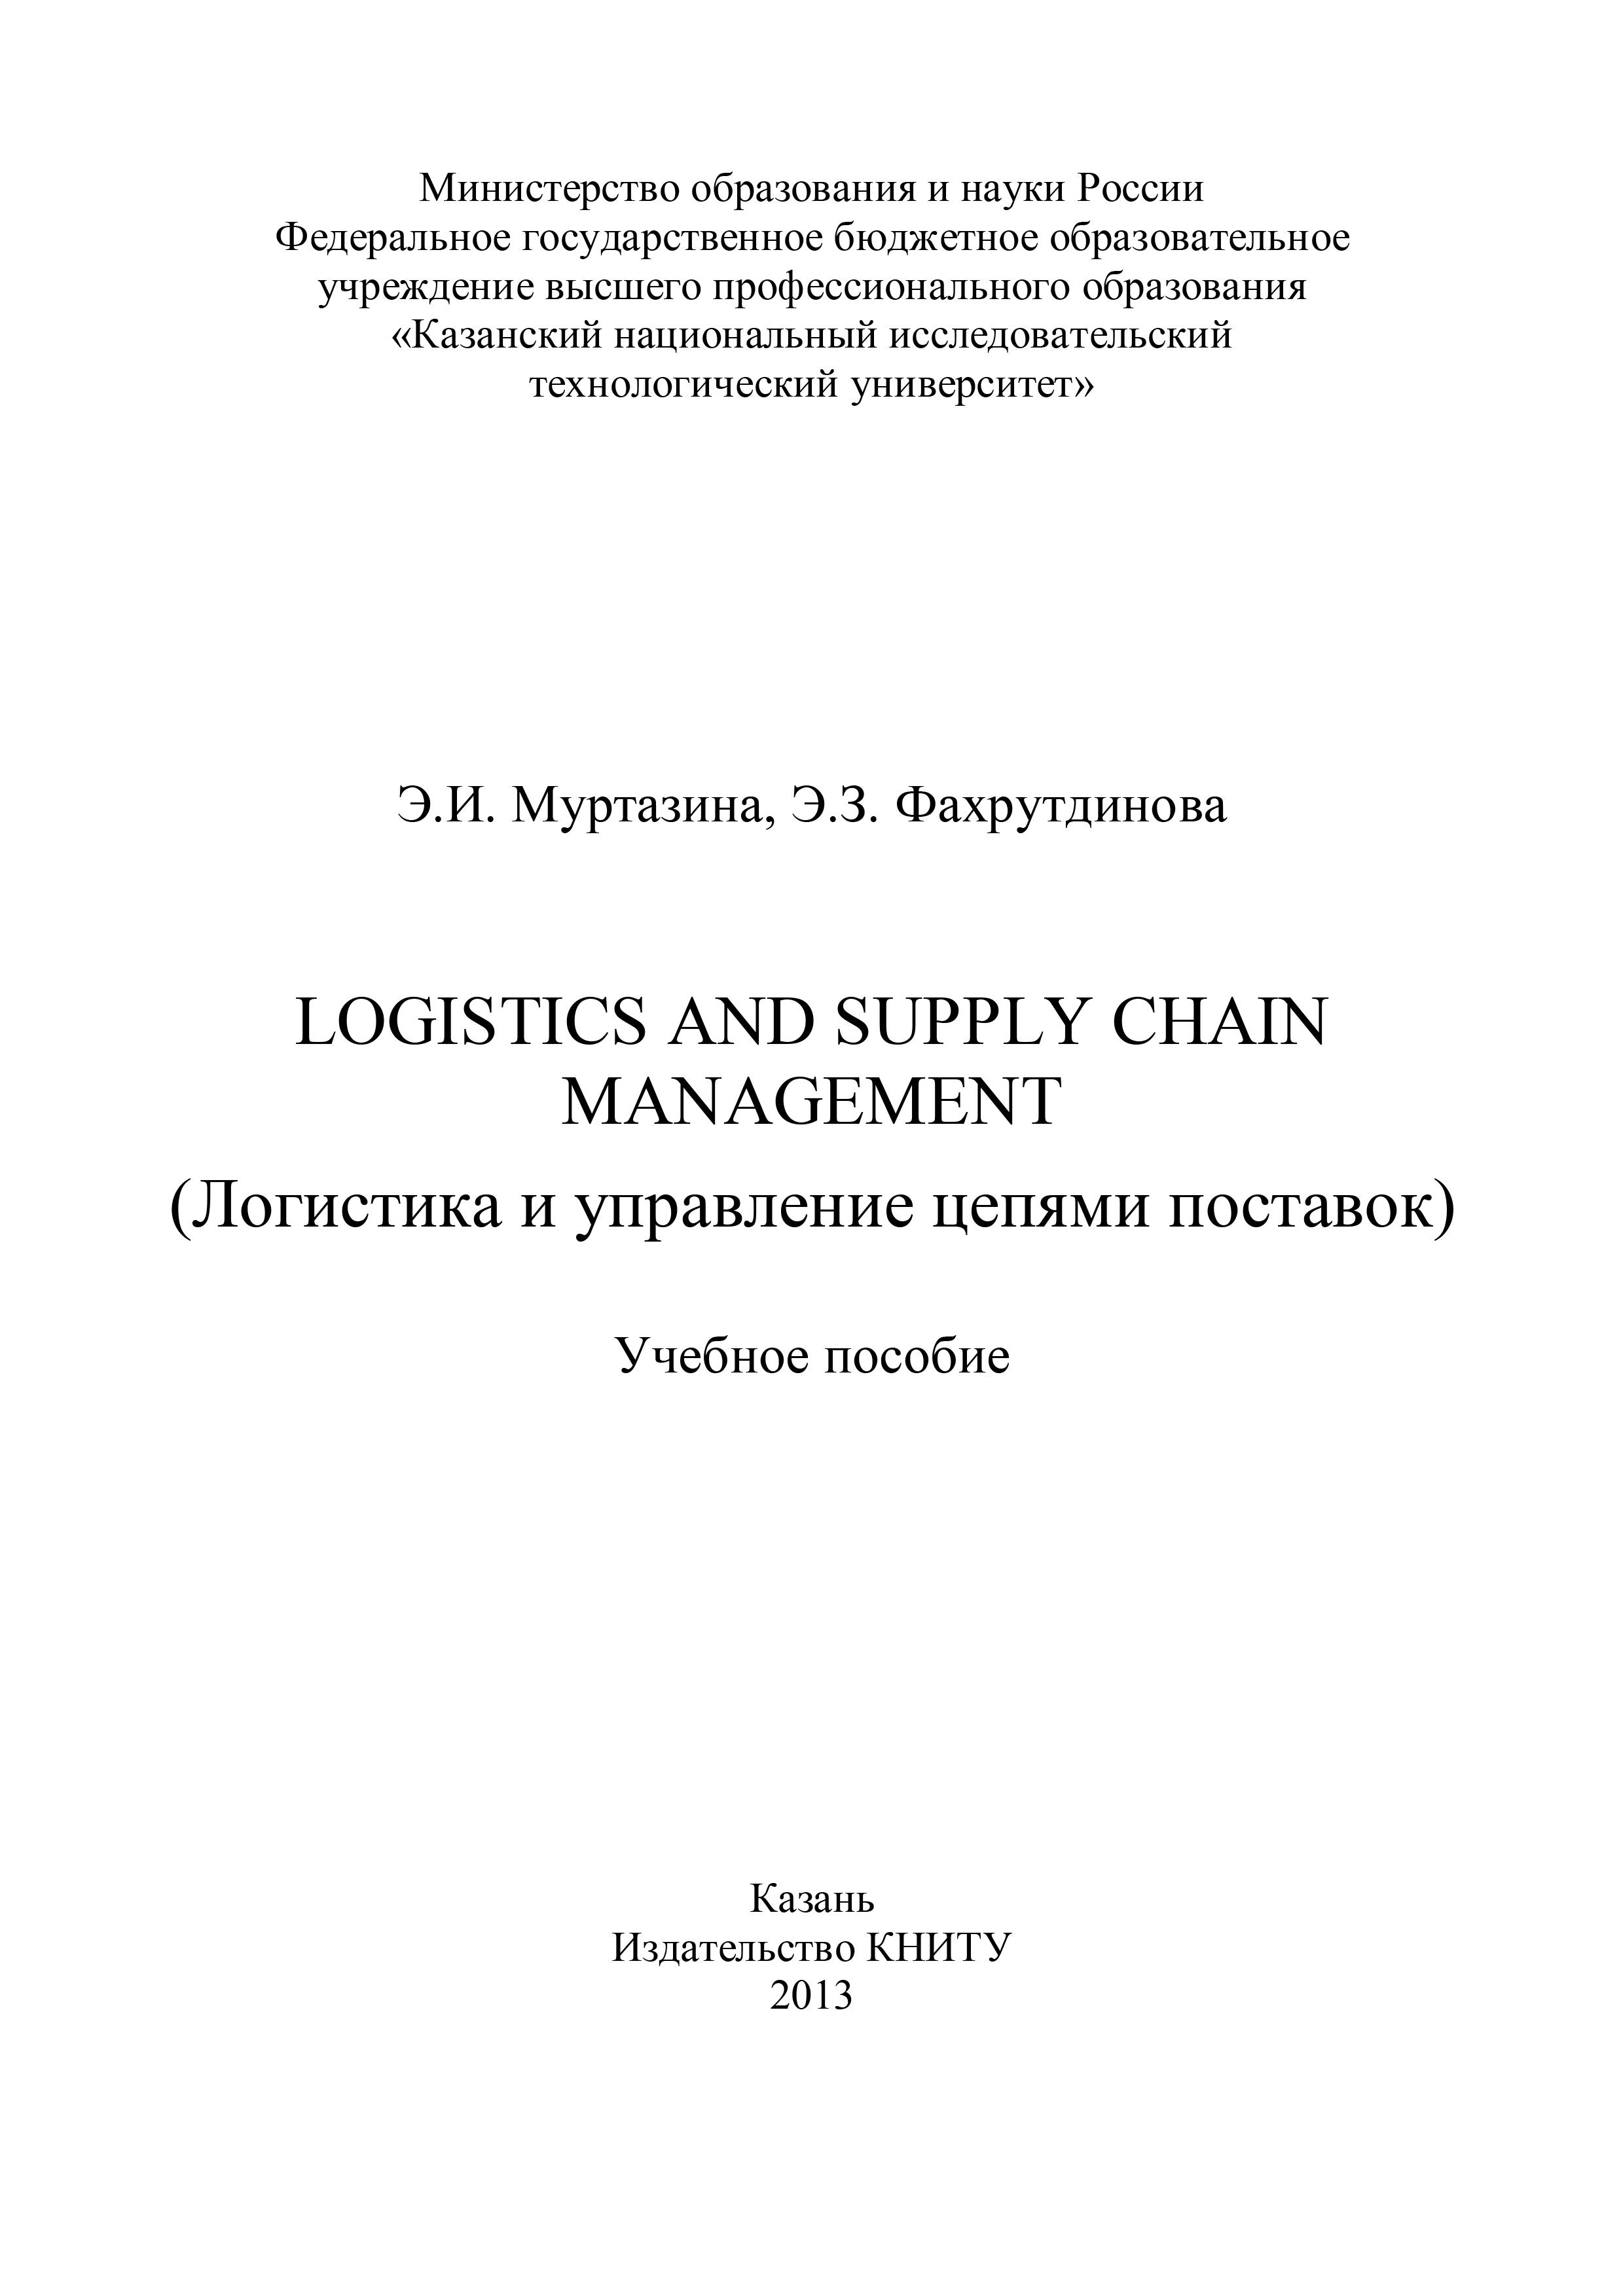 Э. И. Муртазина Logistics and Supply Chain Management (Логистика и управление цепями поставок) все цены